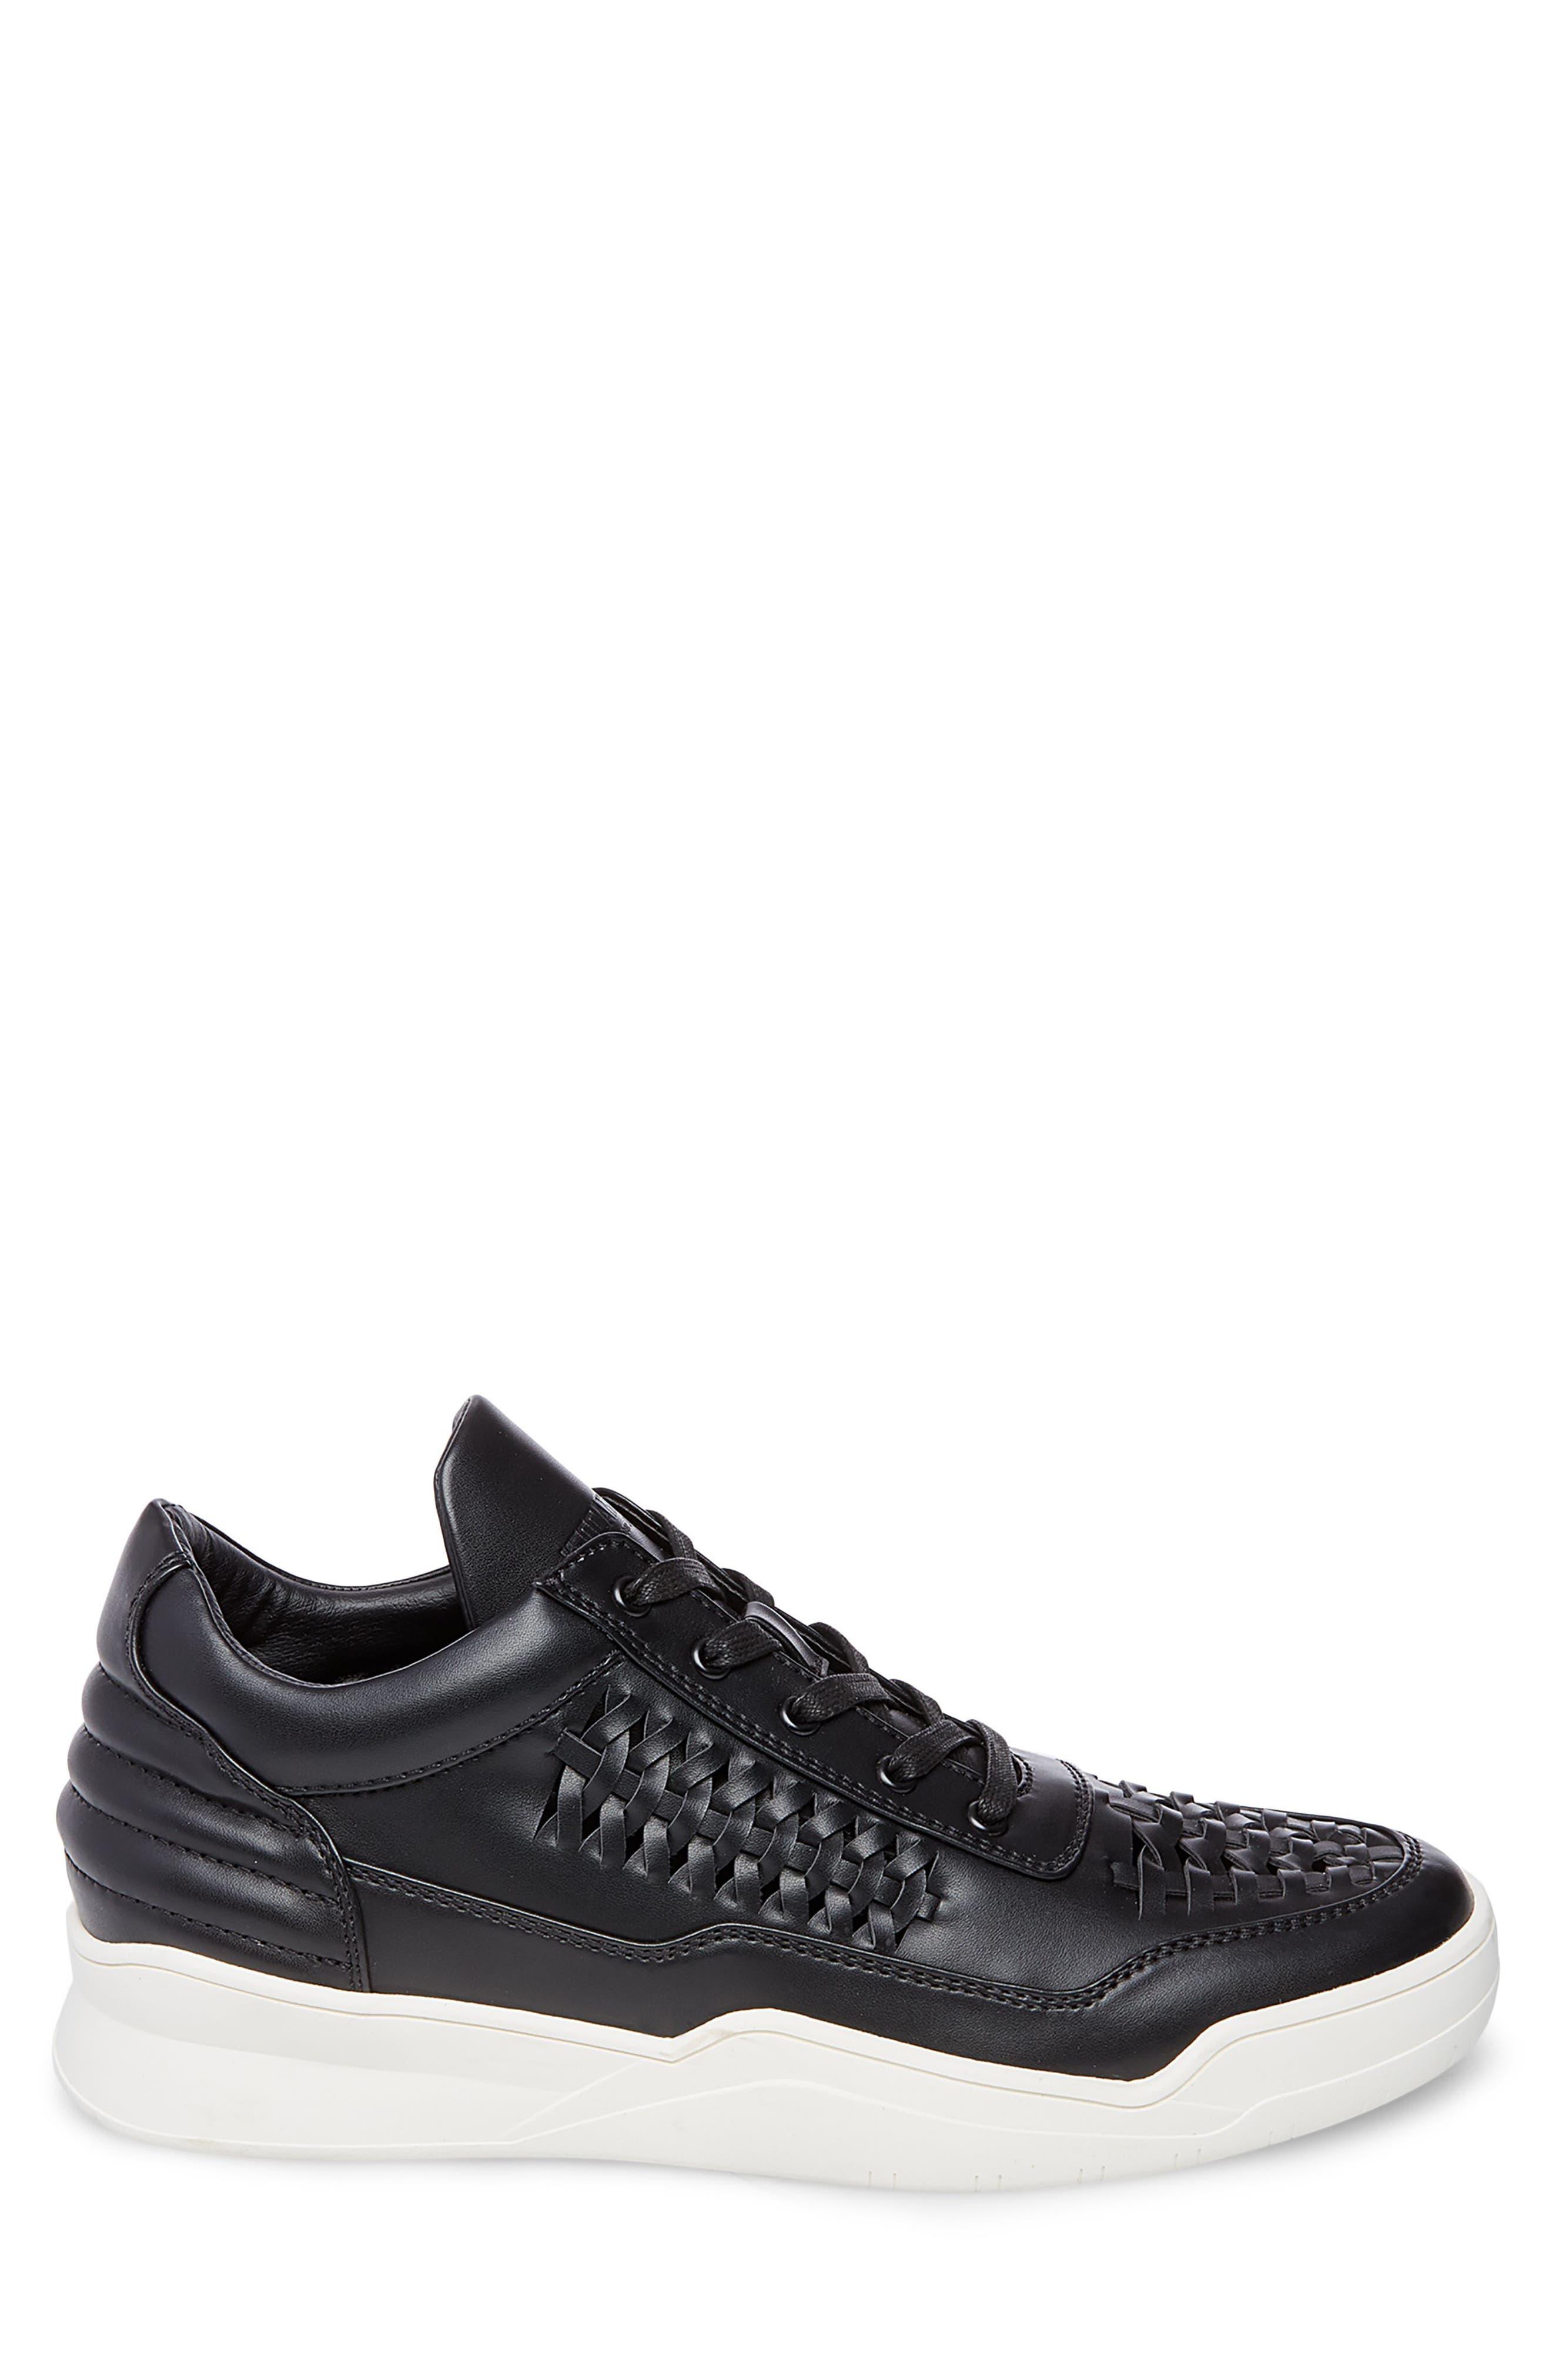 Alternate Image 3  - Steve Madden Valor Sneaker (Men)